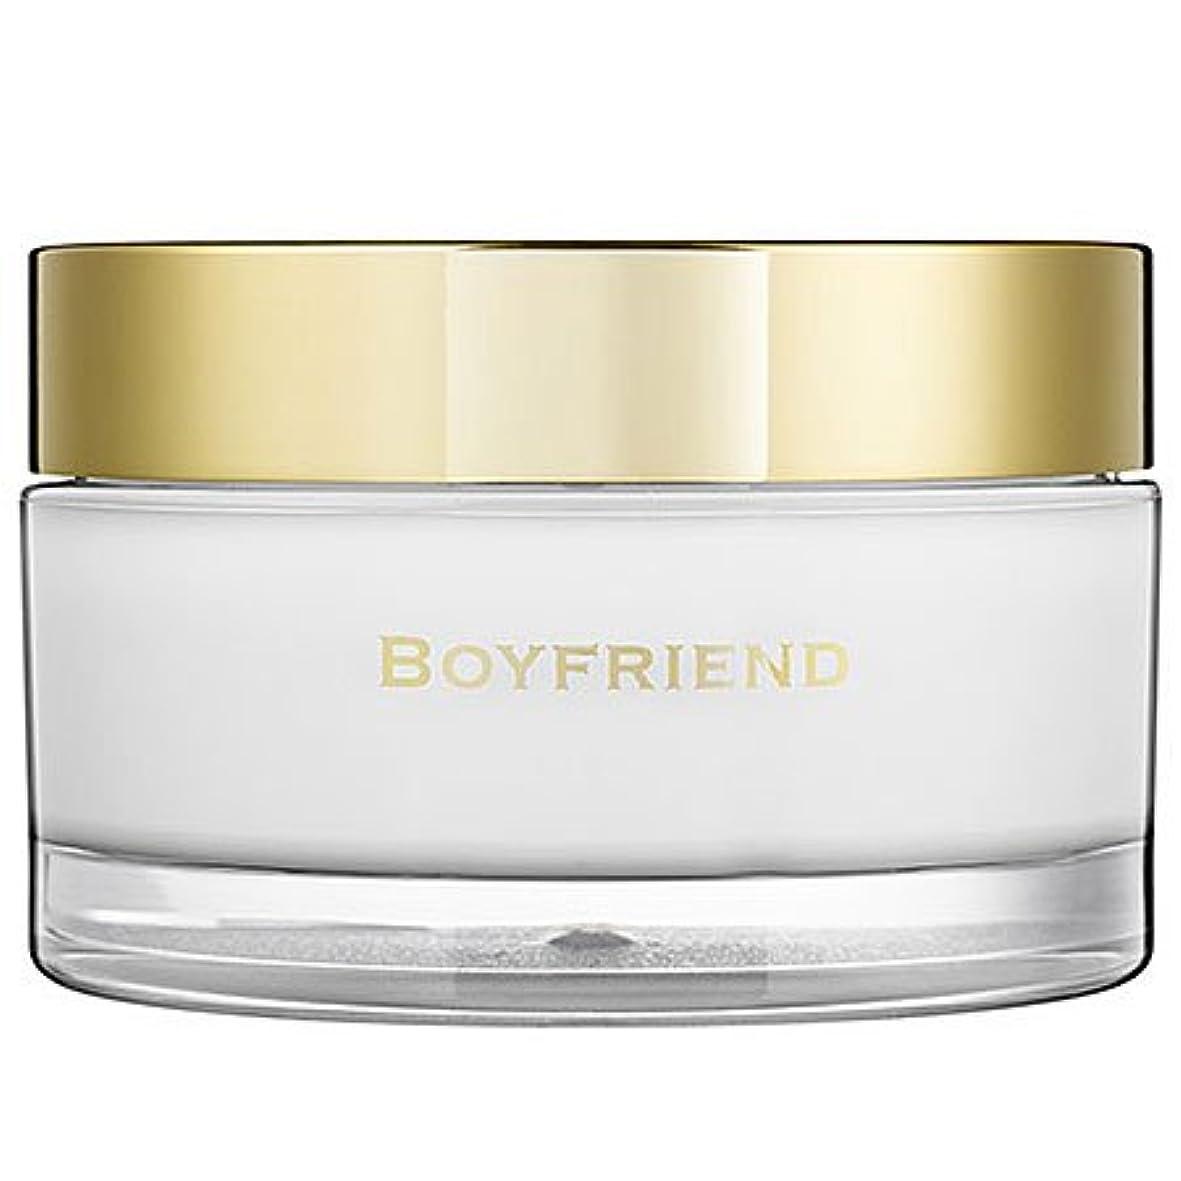 許可する民間包帯Boyfriend (ボーイフレンド) 6.7 oz (200ml) Body Cream by Kate Walsh for Women